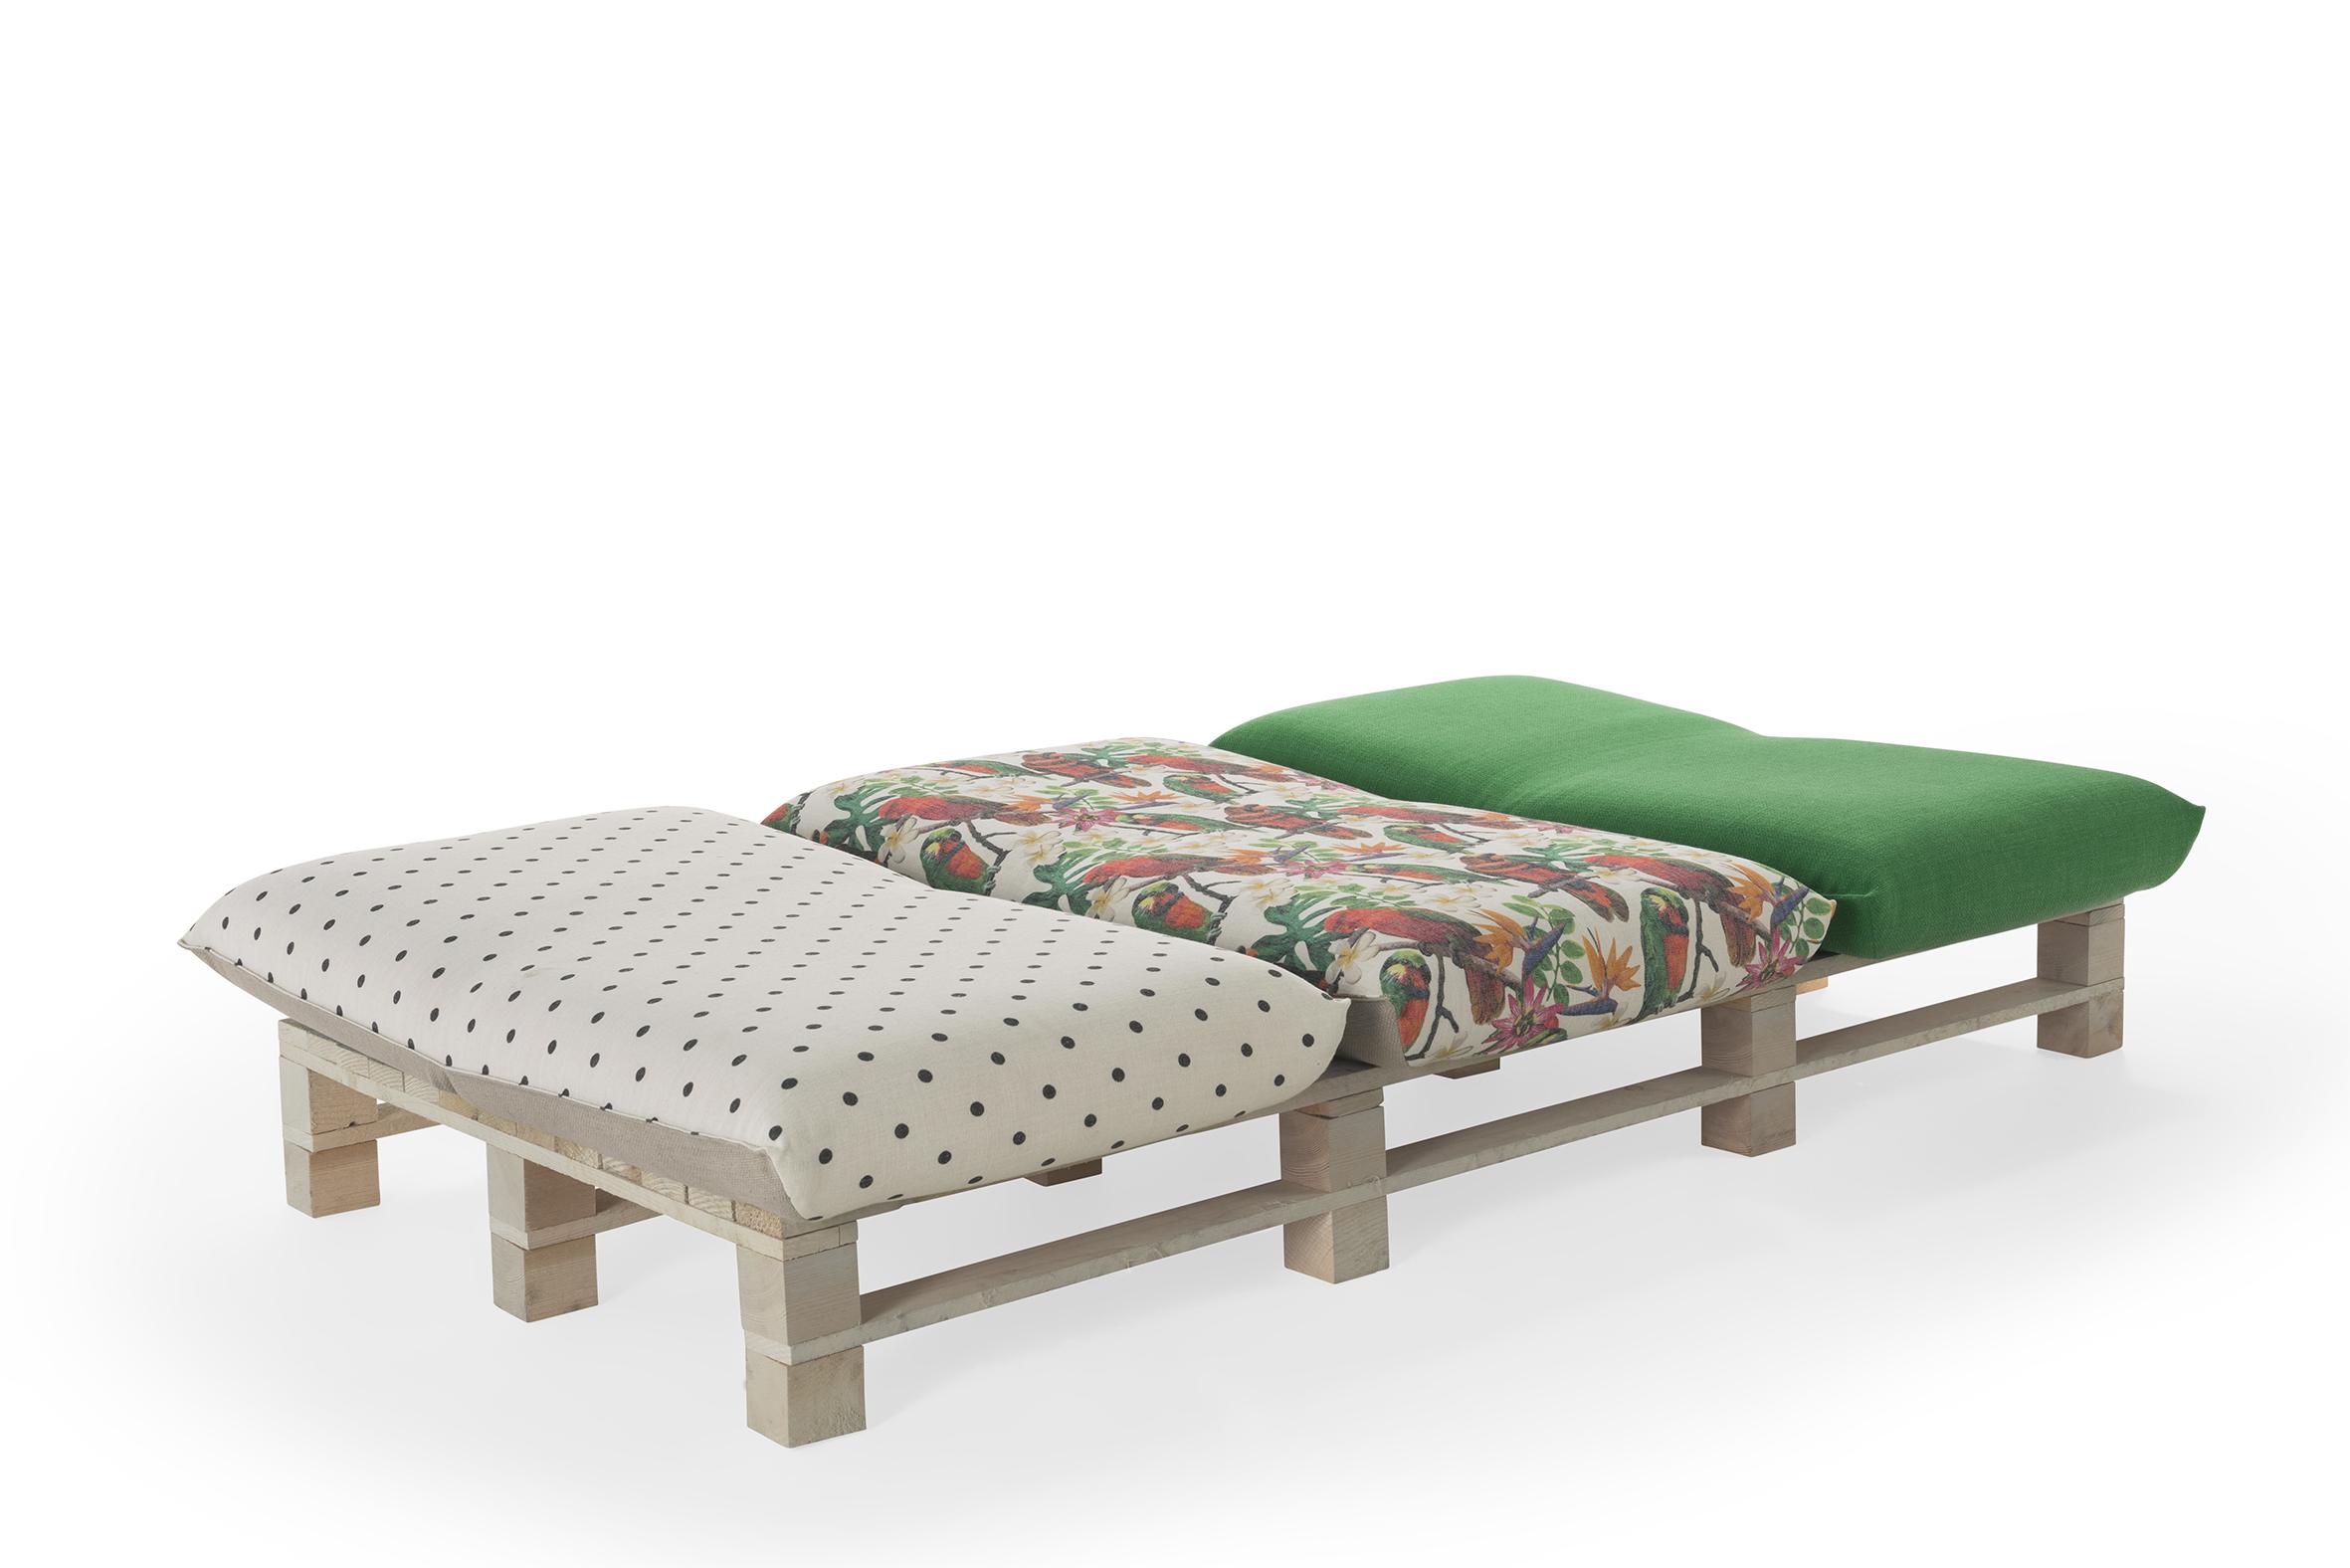 Full Size of Mokumuku Franz Bullfrog Ecksofa Sofa Sessel Kaufen Französische Betten Fertig Wohnzimmer Mokumuku Franz